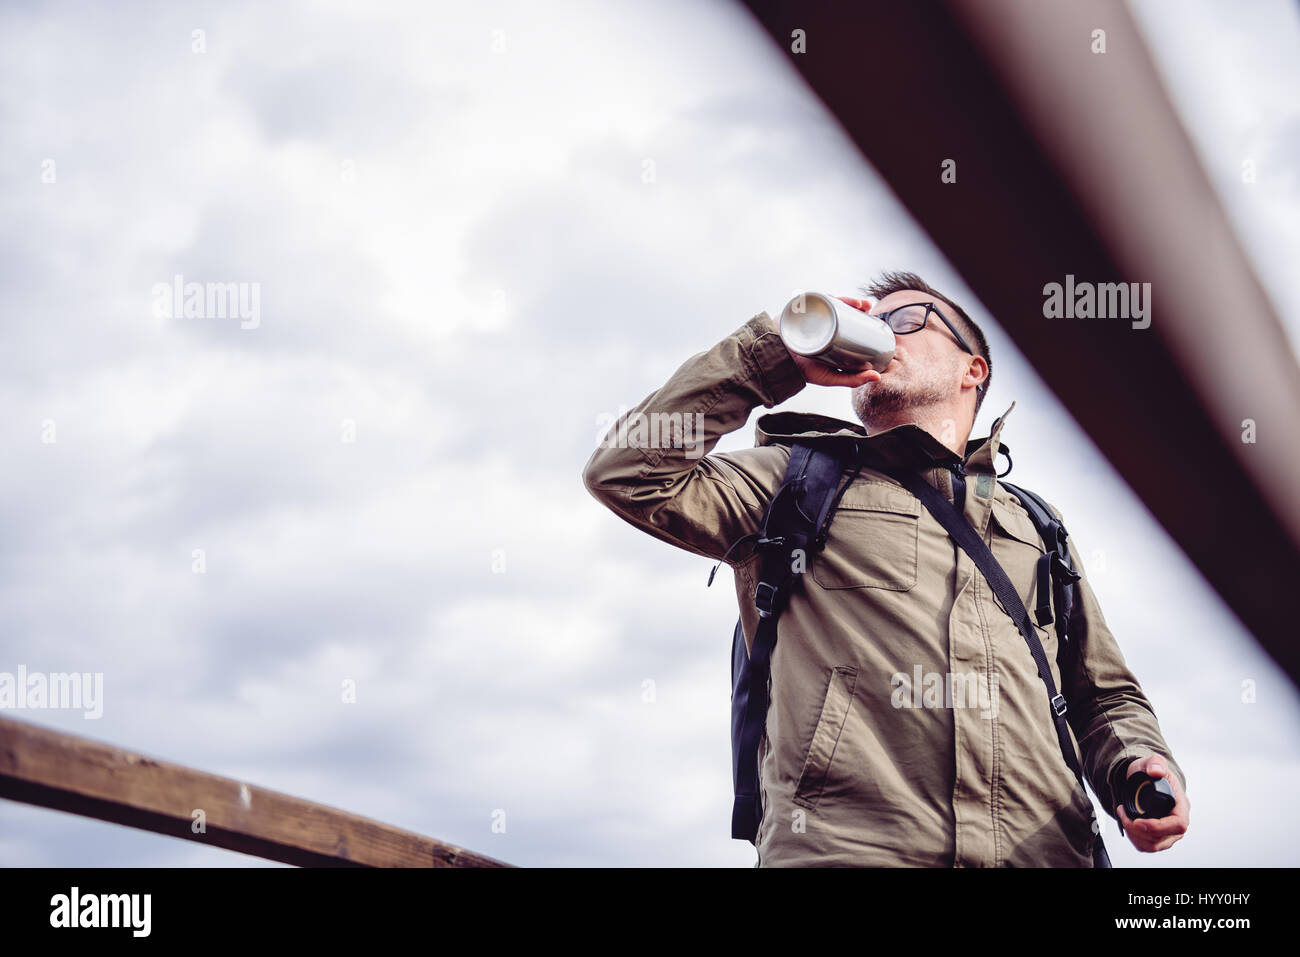 Escursionista in appoggio sulla staccionata in legno e acqua potabile Immagini Stock